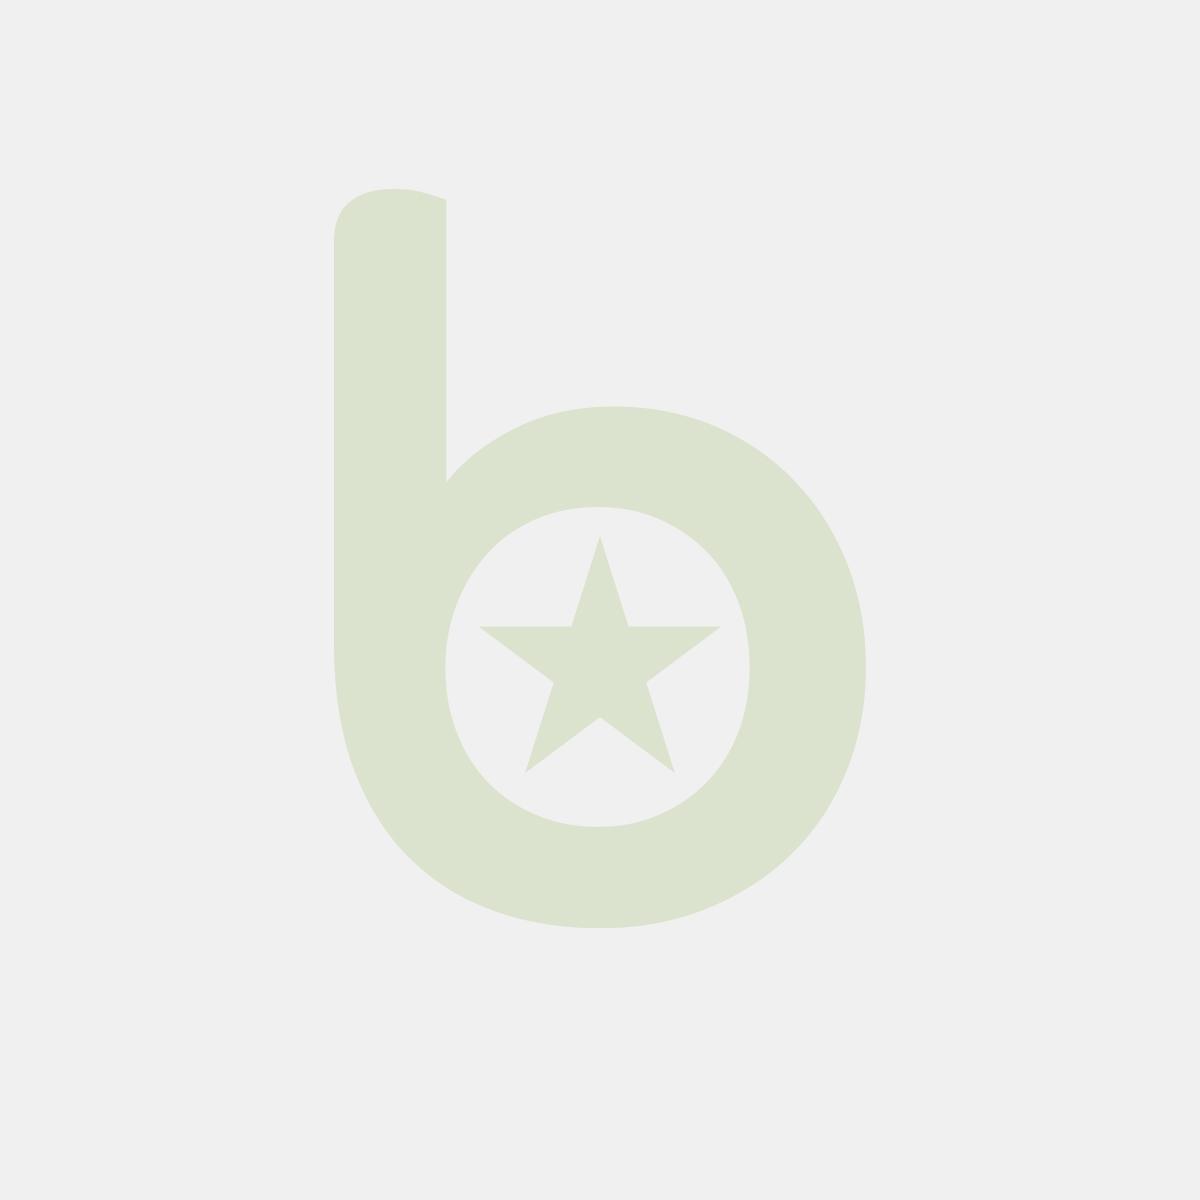 HOT-DOG francuski 190x75x25mm CERTYFIKAT DOBREGO SMAKU, cena za opakowanie 1000szt